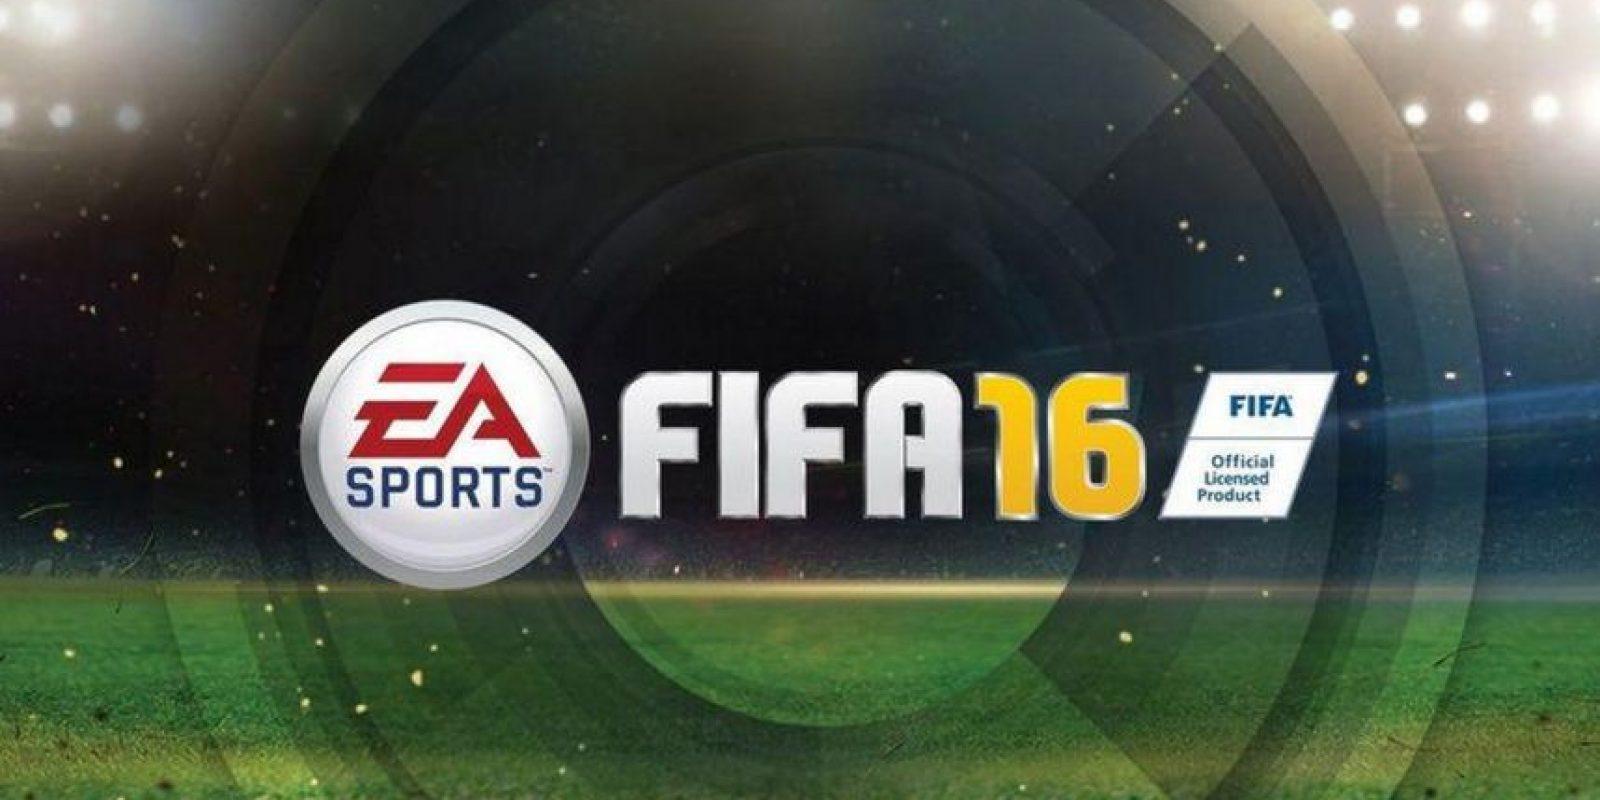 """""""FIFA 16"""" quiere ser el único rey de los videojuegos de fútbol. Foto:EA Sports"""